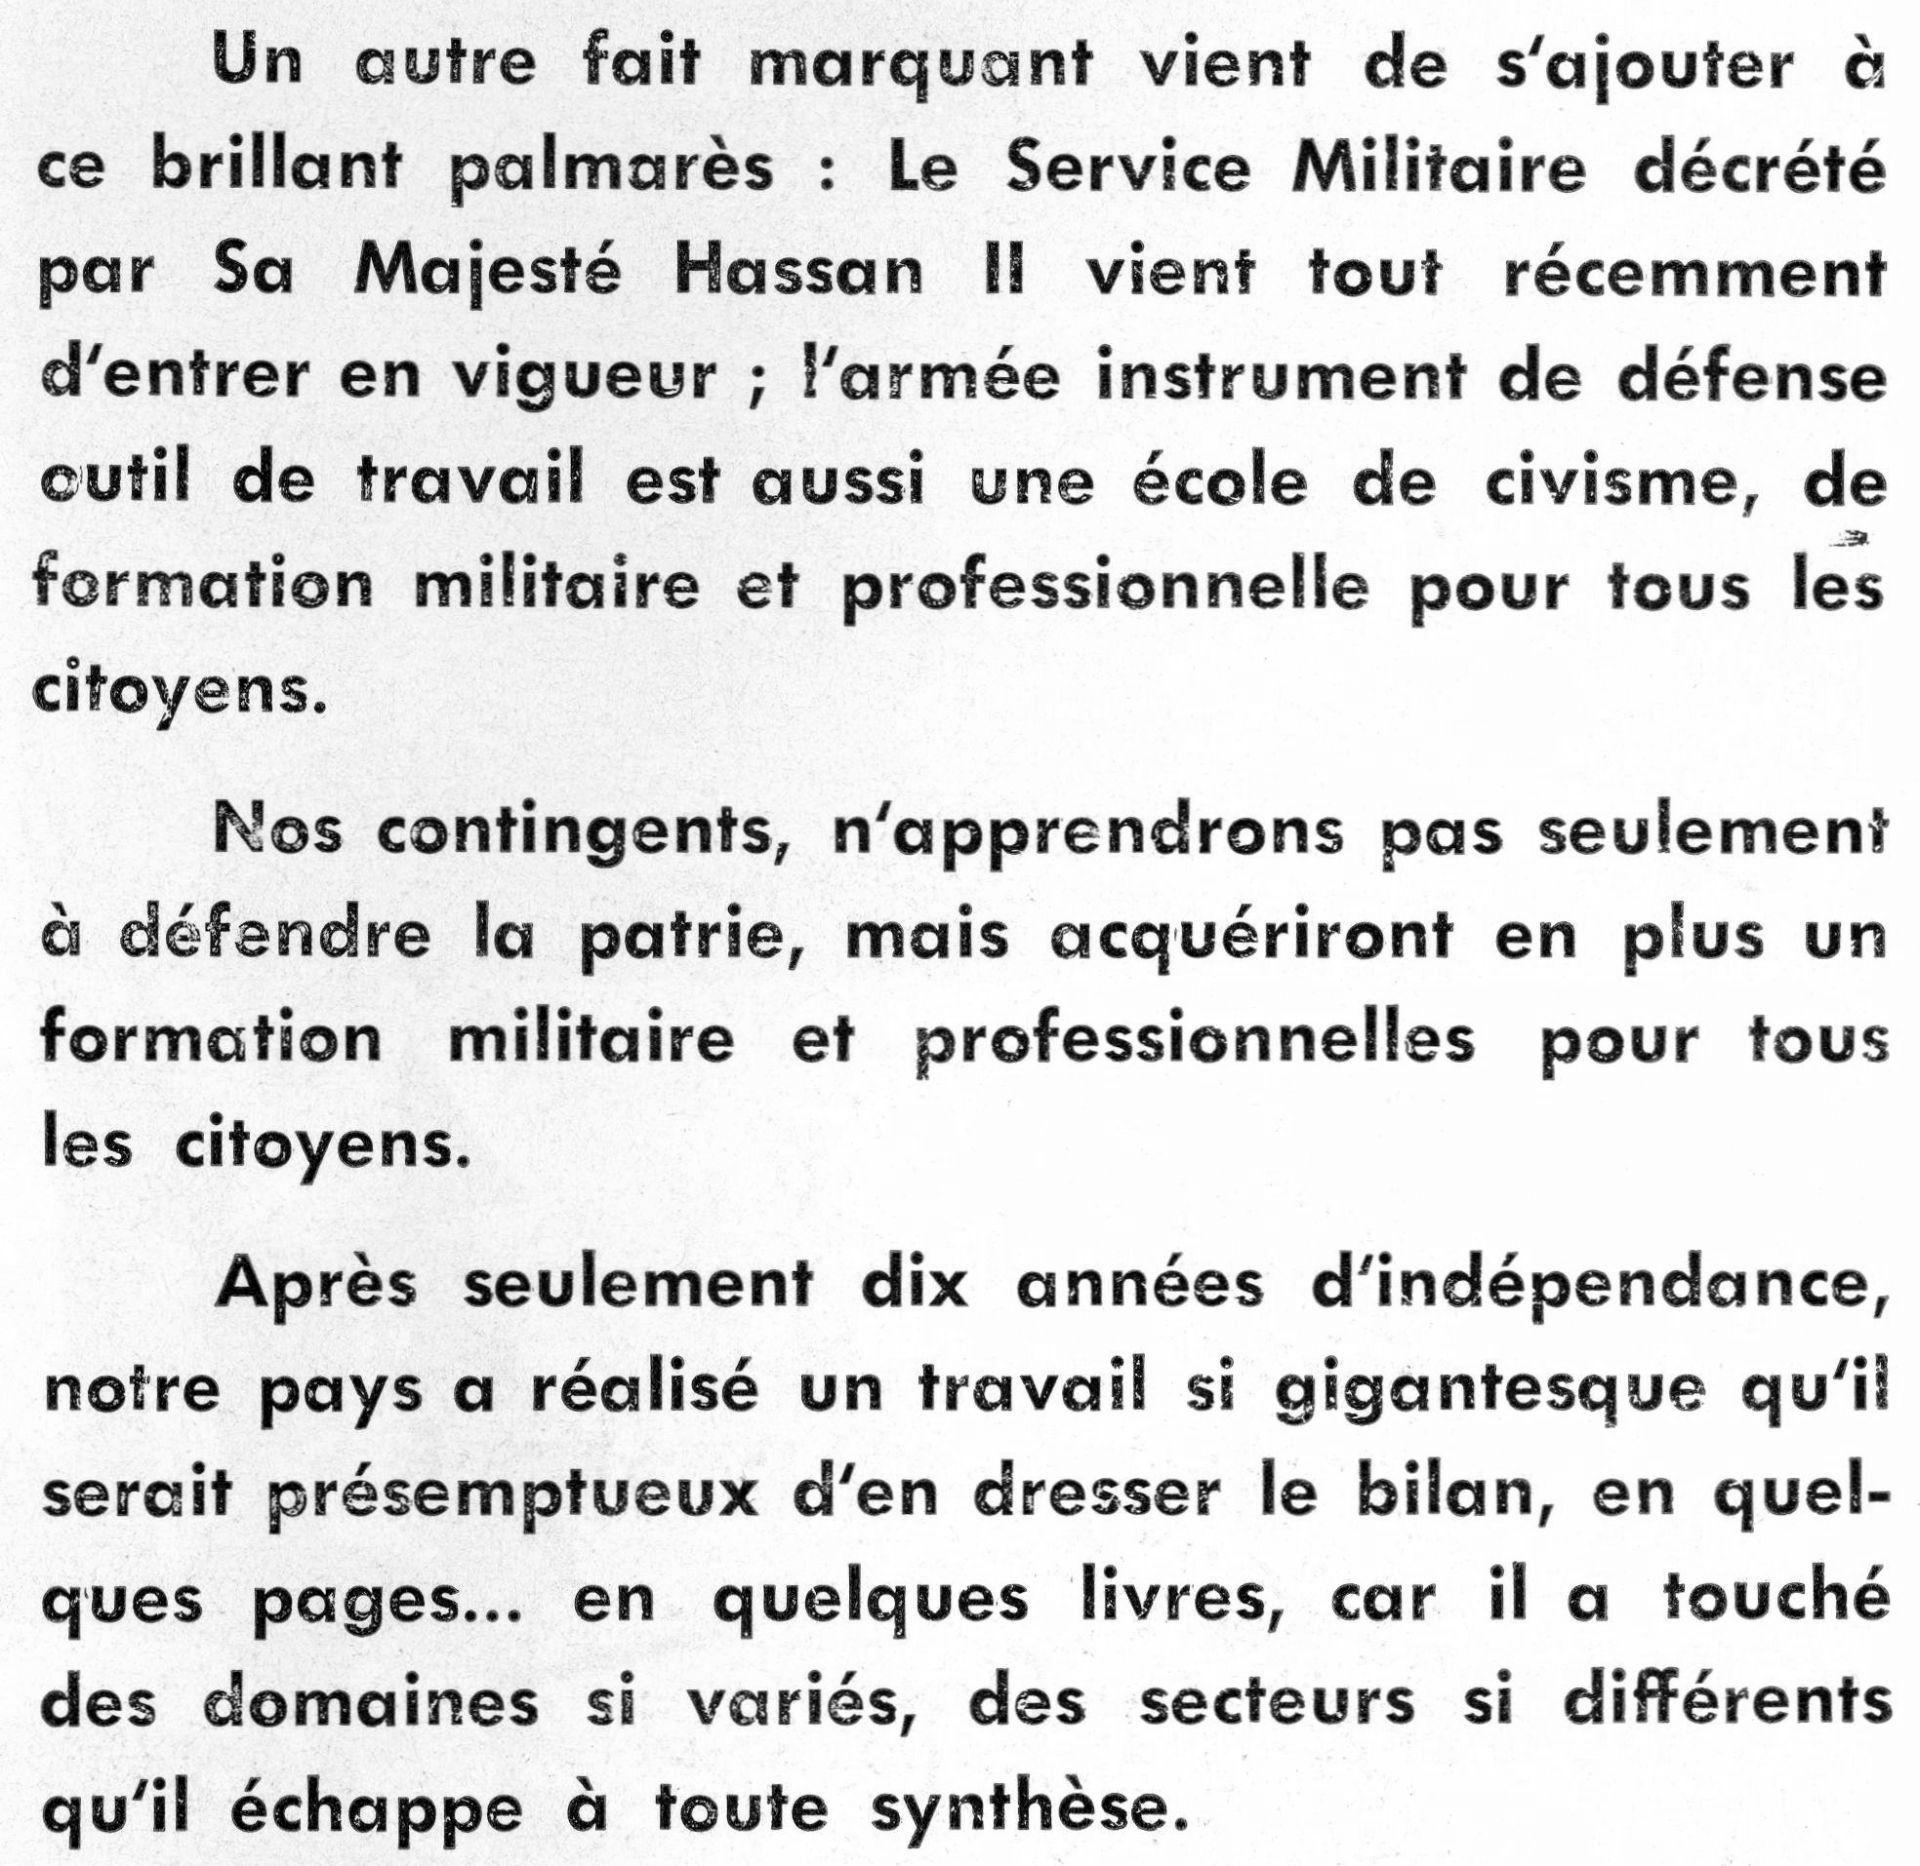 9 juin 1966, Institution du service militaire obligatoire Clipb413